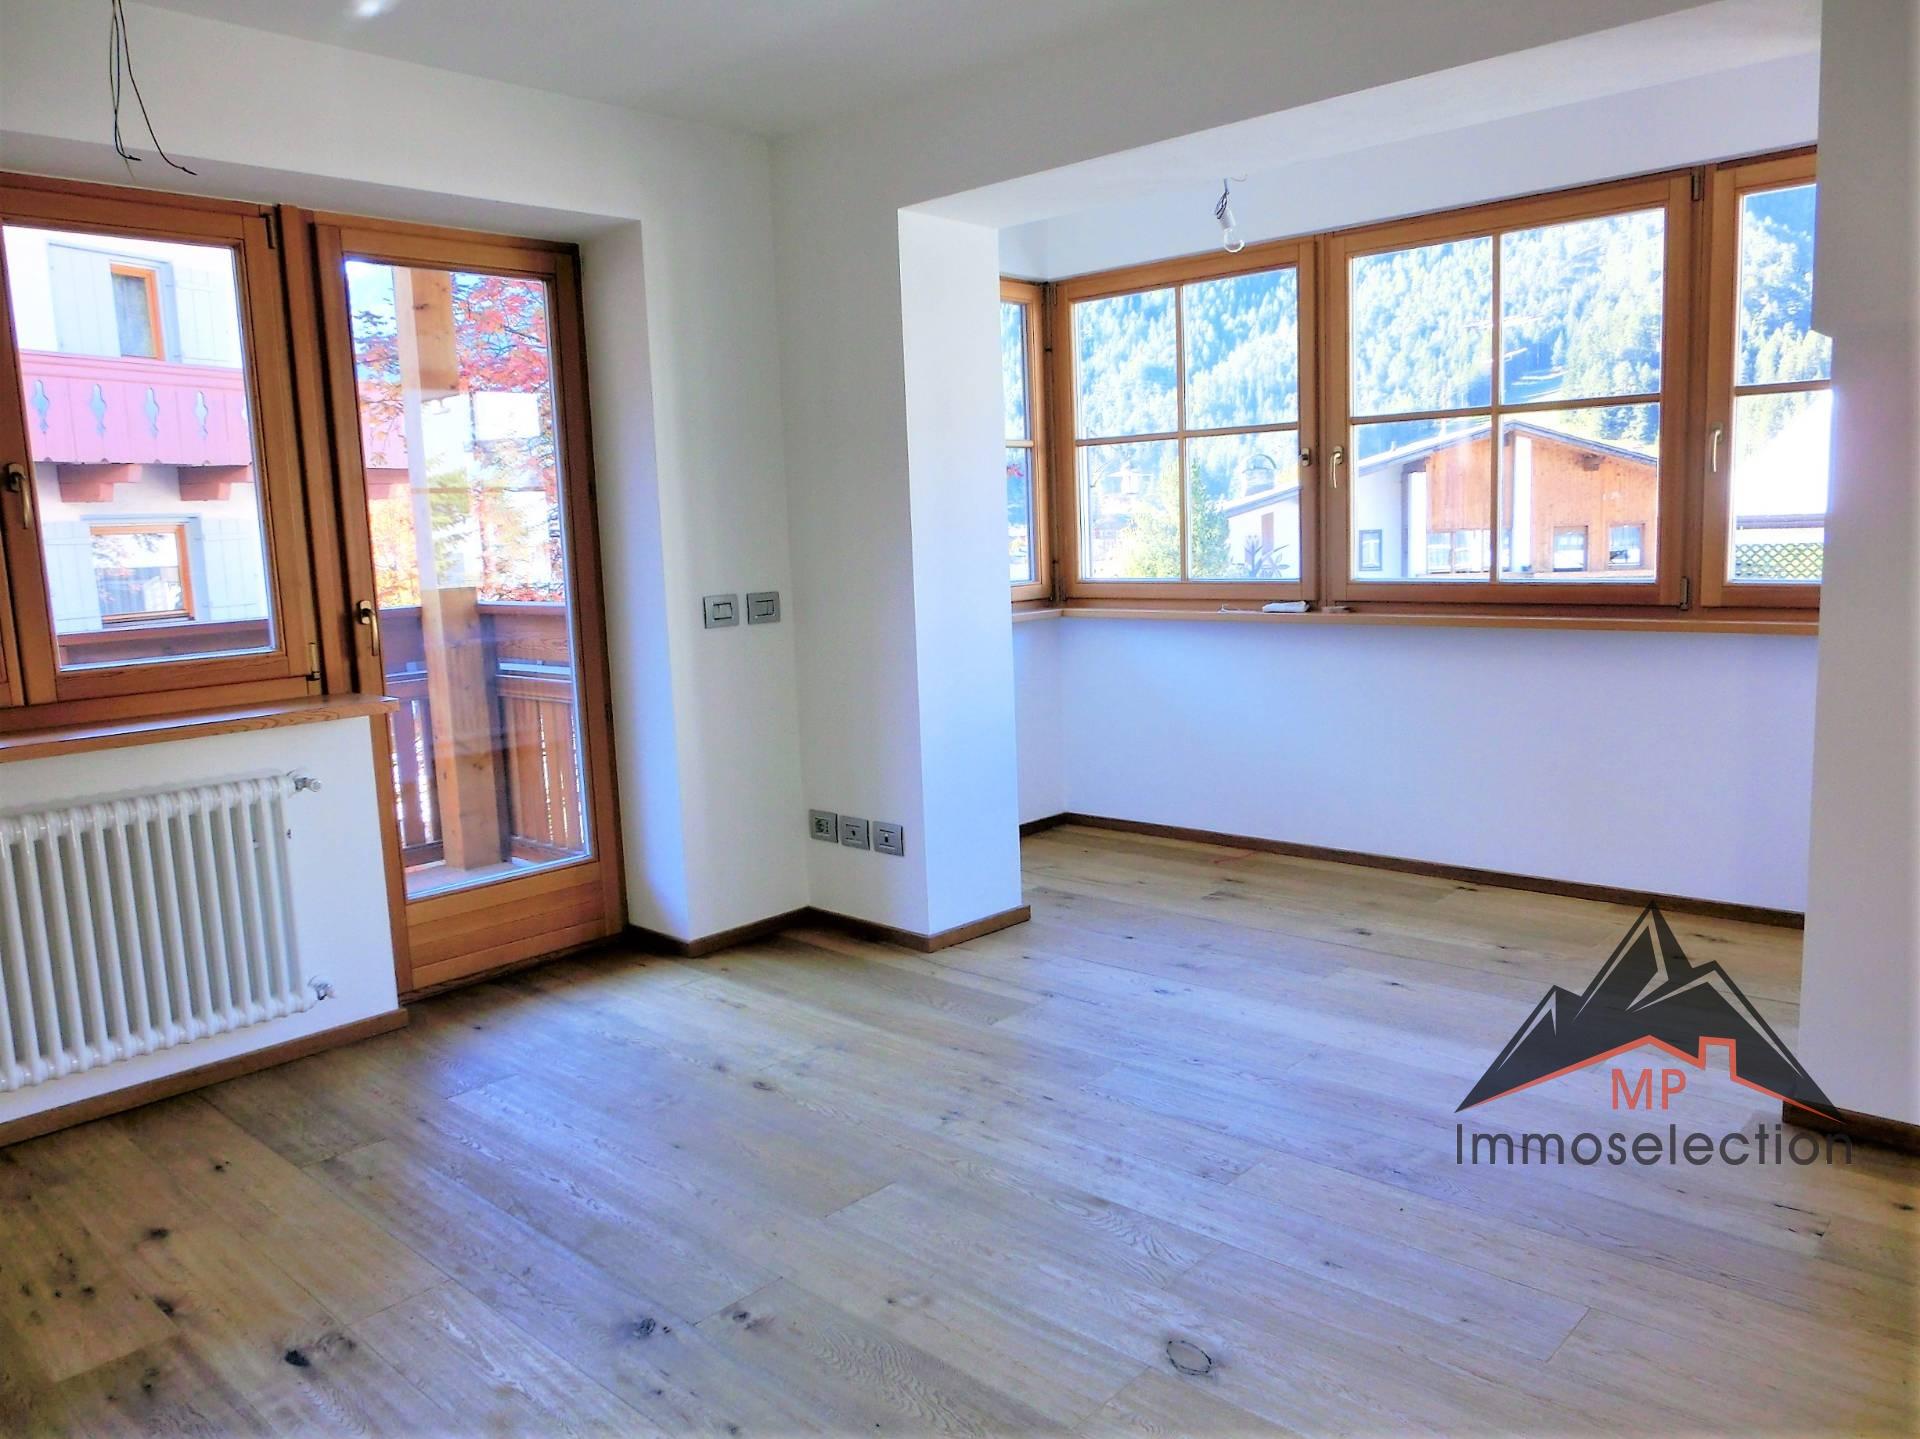 Appartamento in vendita a Marebbe, 1 locali, zona Località: SanVigiliodiMarebbe, prezzo € 210.000   CambioCasa.it